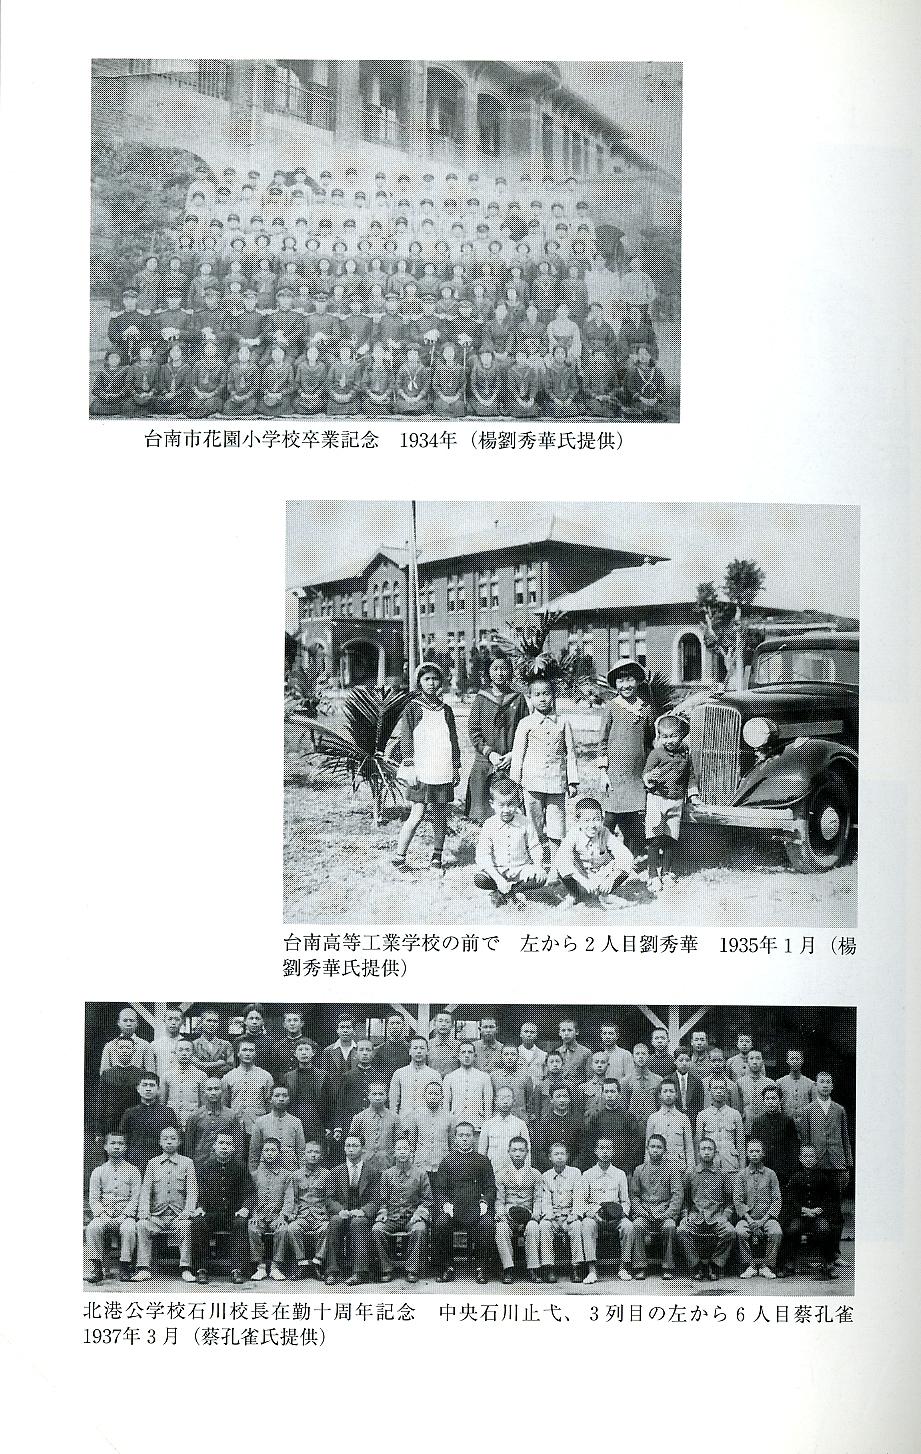 圖3:《台灣と日本》內頁